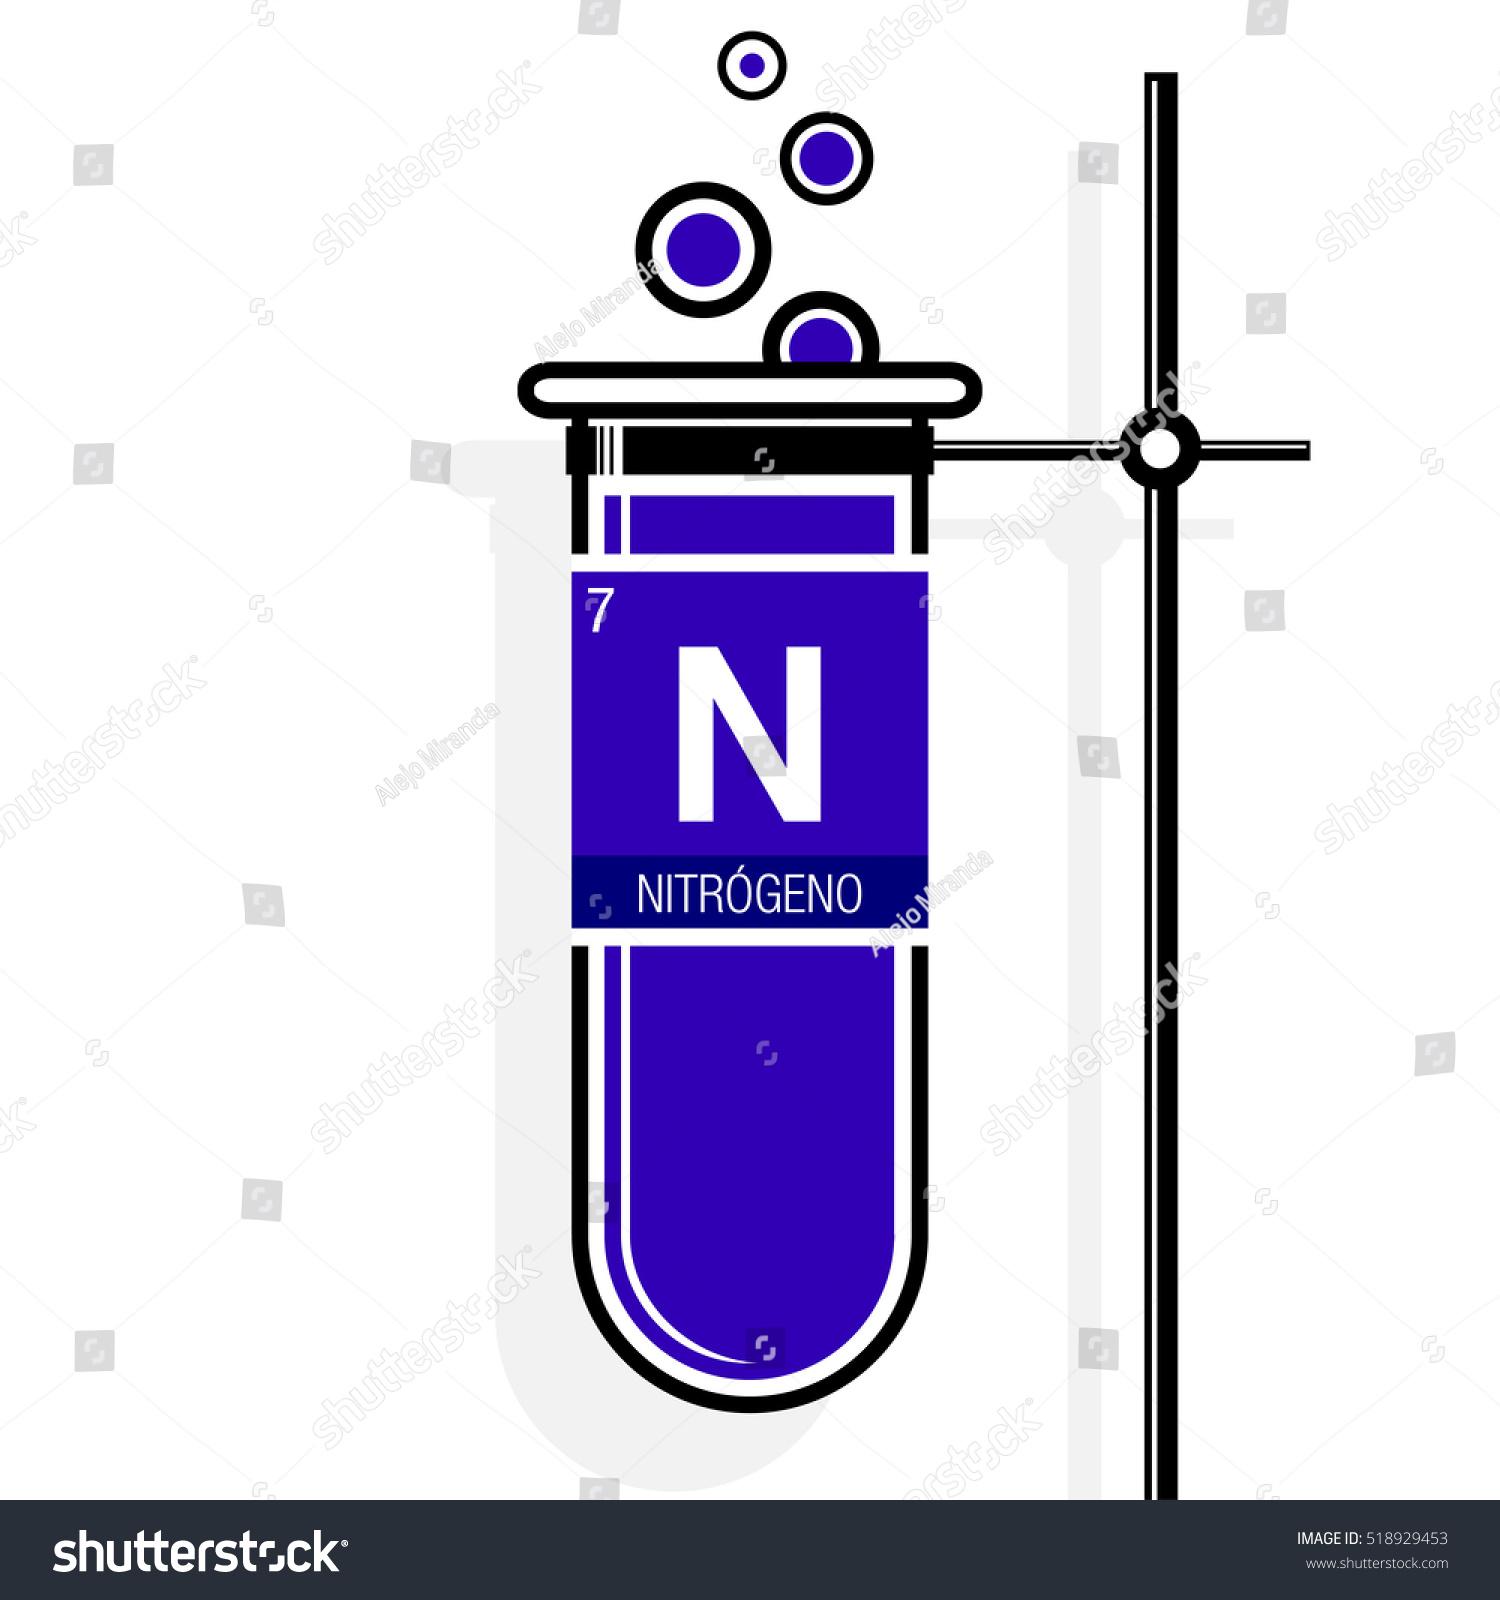 Nitrogeno symbol nitrogen spanish language on stock vector nitrogeno symbol nitrogen in spanish language on label in a violet test tube with buycottarizona